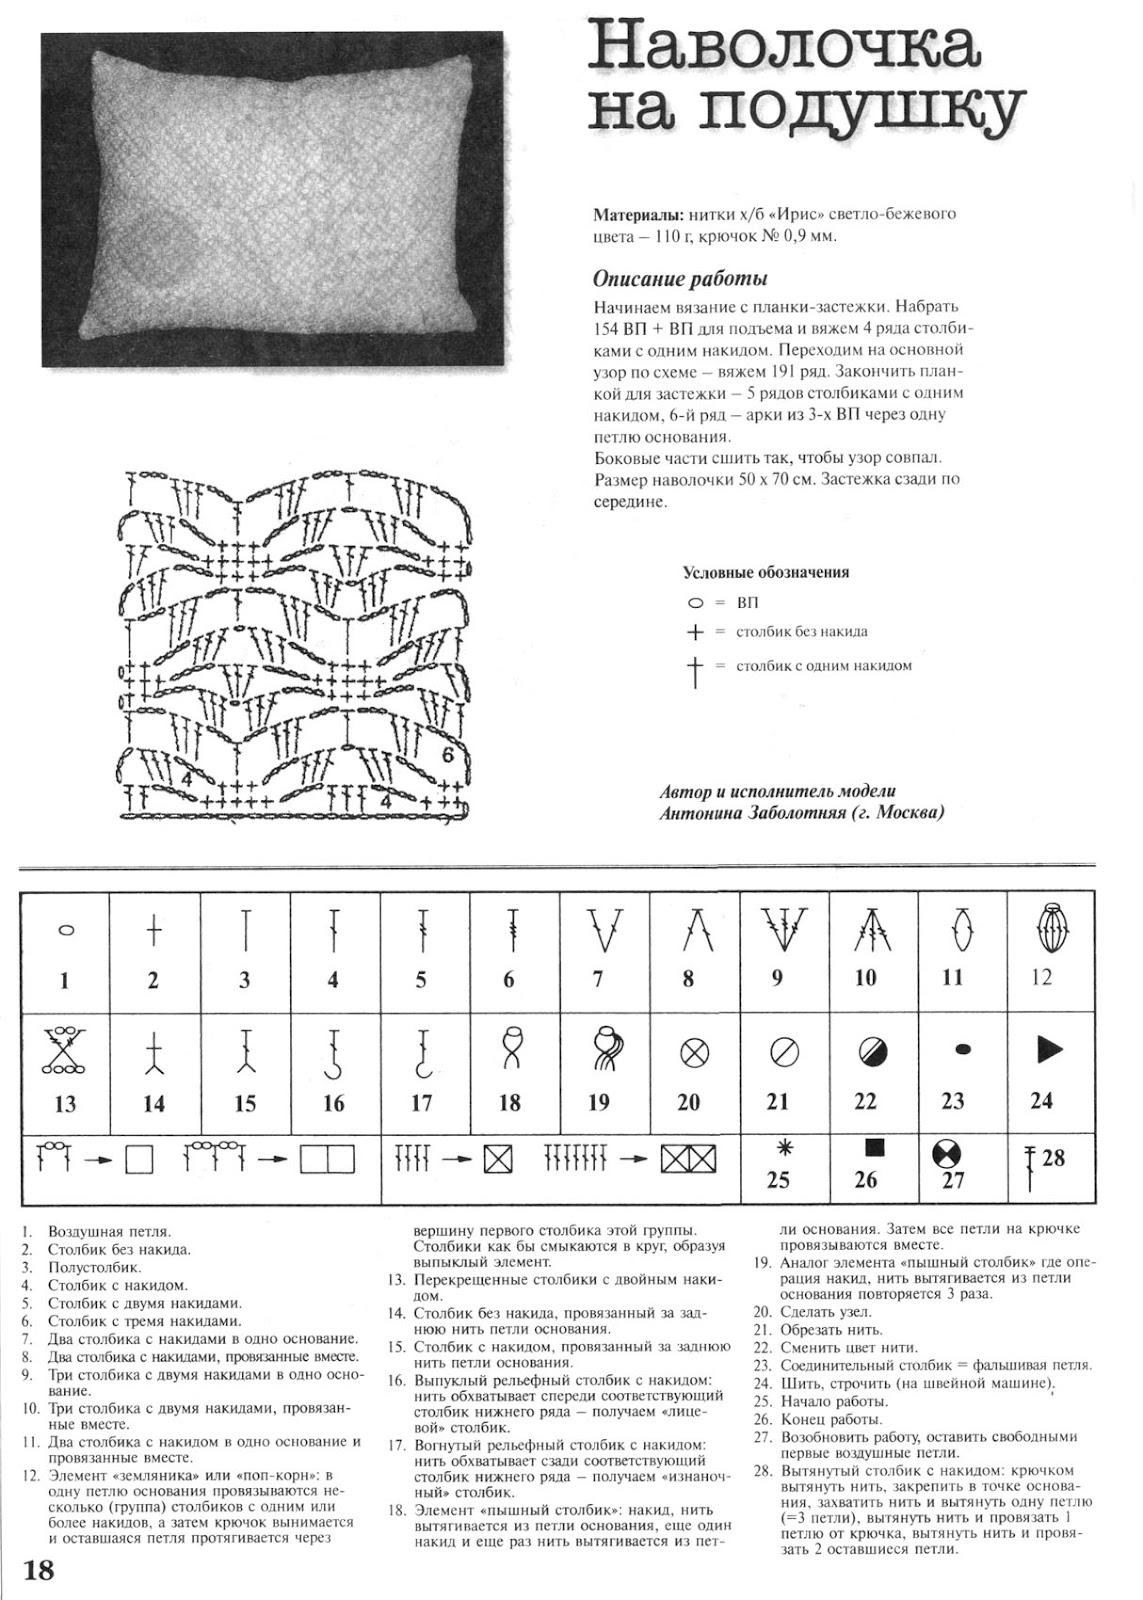 Подушки вязанные крючком схемы и описание, мастер-класс